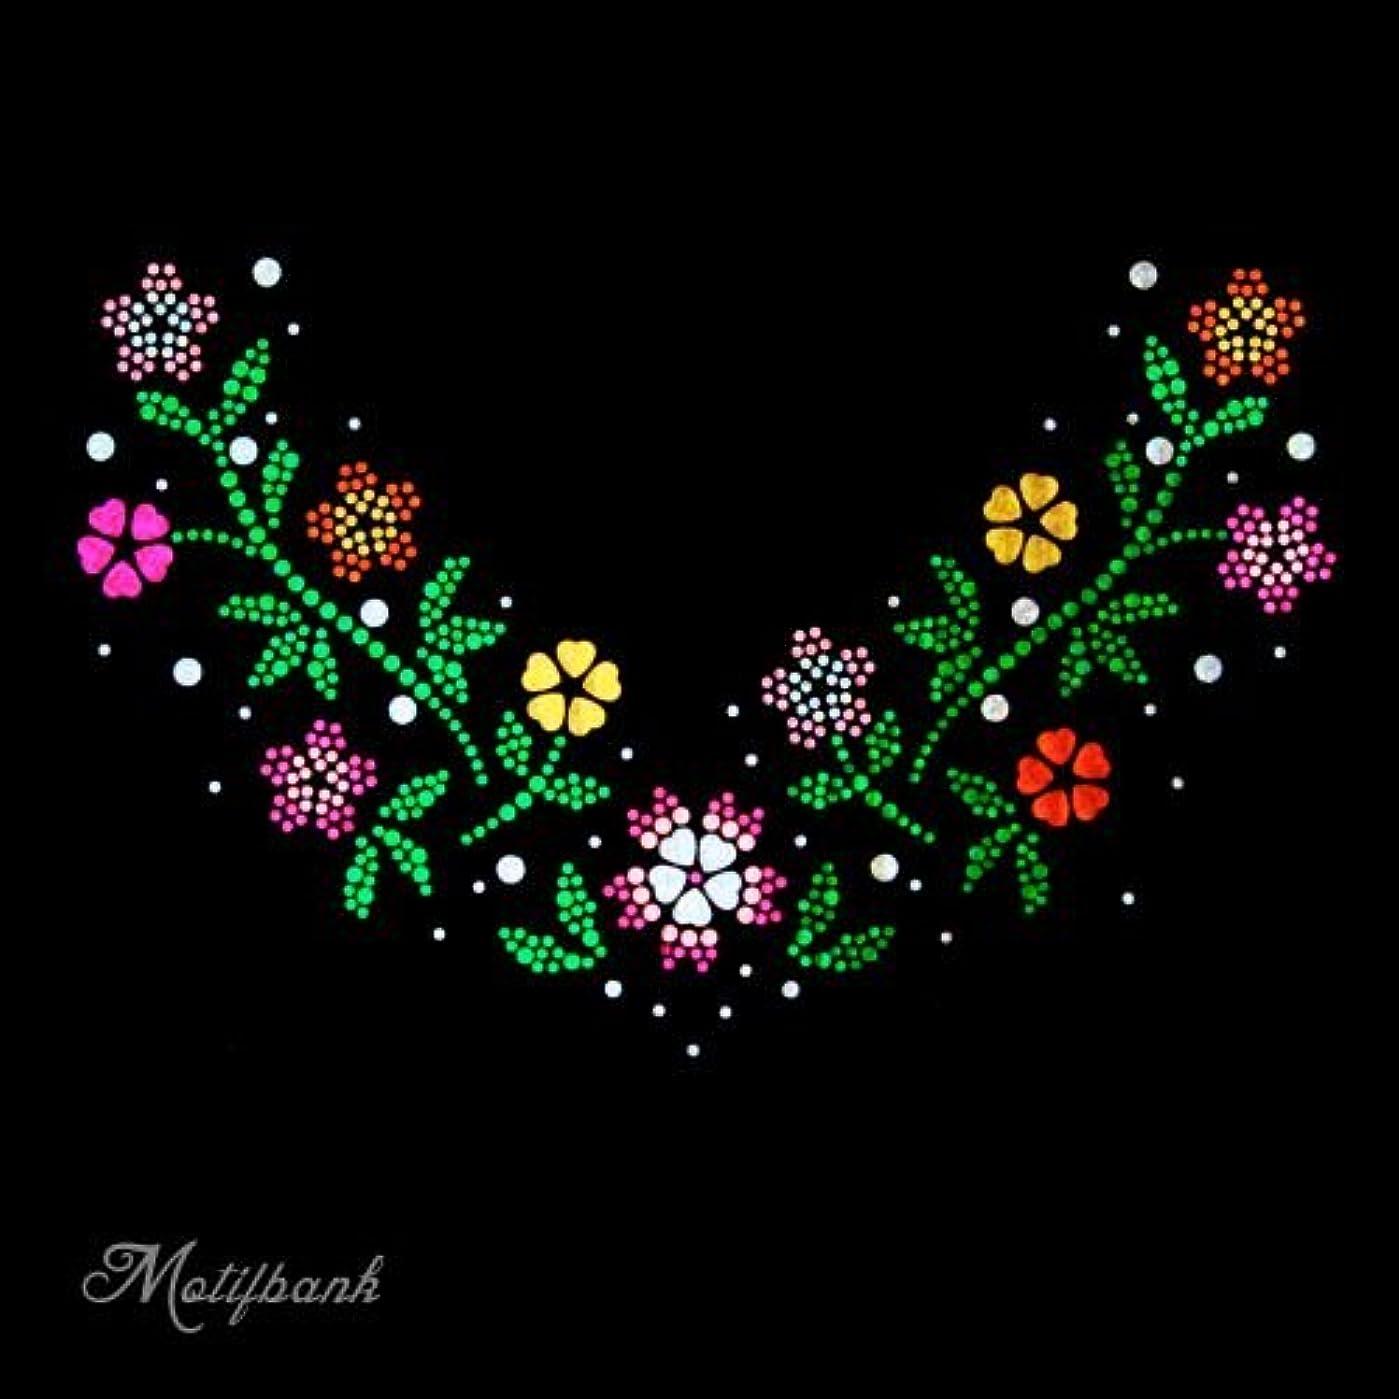 訴えるゲートきらめく【スパングル】 スパンコールモチーフ (トレンドの お花のモチーフ Vの字) アイロン接着 XLサイズ